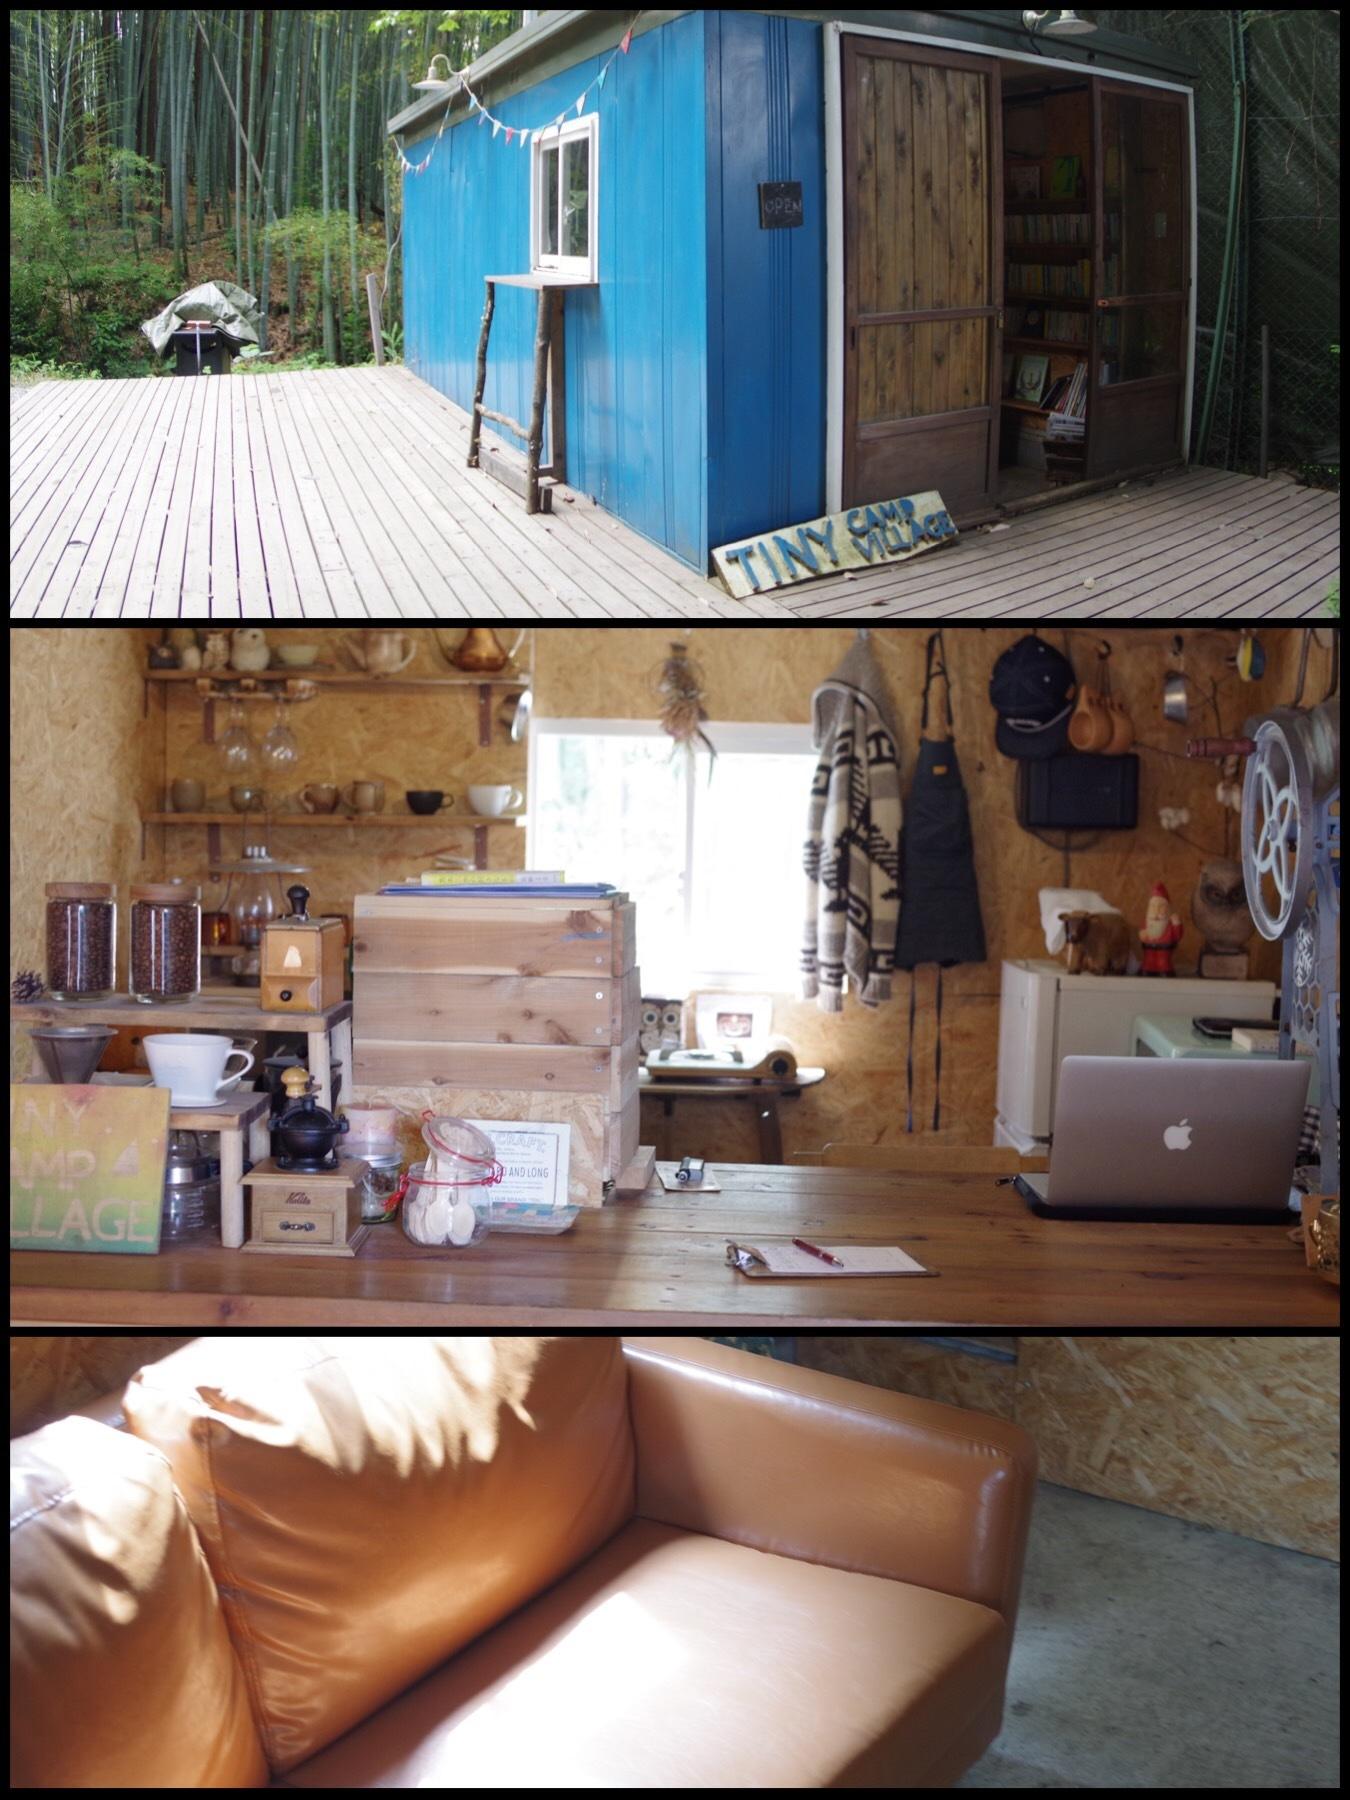 七沢温泉 タイニーキャンプビレッジ tiny camp village